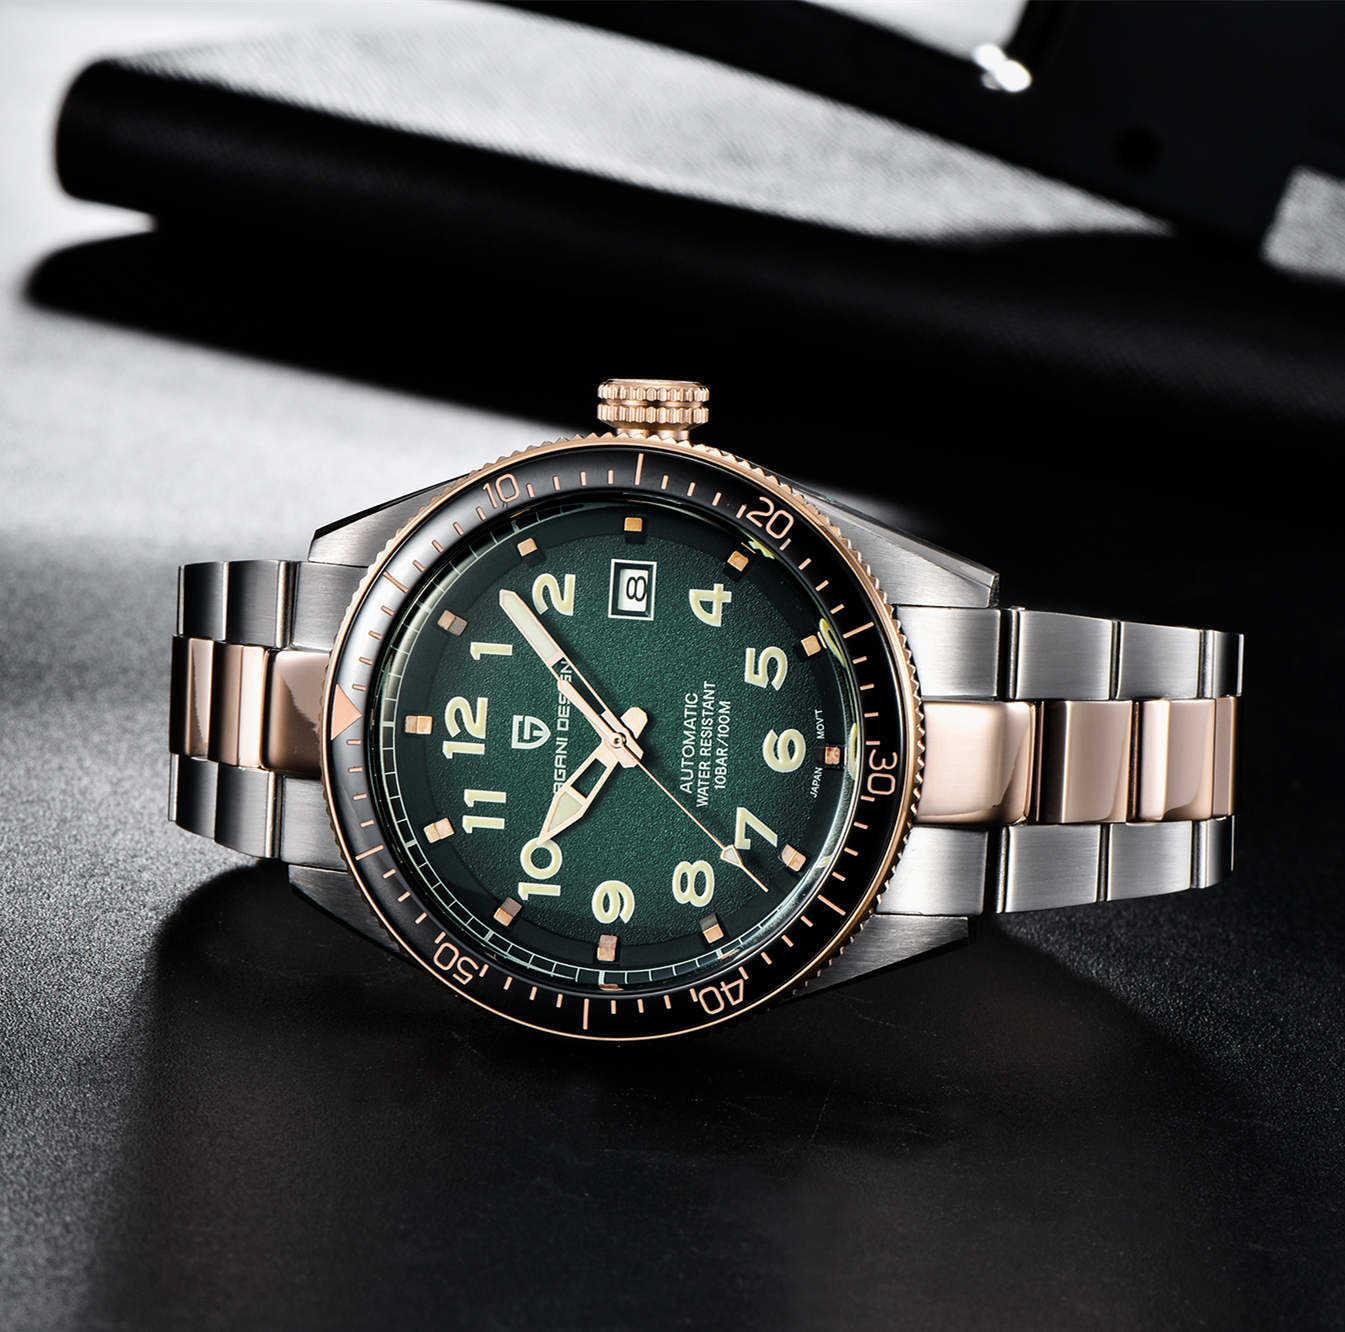 パガーニデザイン機械式時計の男性自動グリーン防水高級ビジネススポーツNH35Aダイバー腕時計時計レロジオmasculino